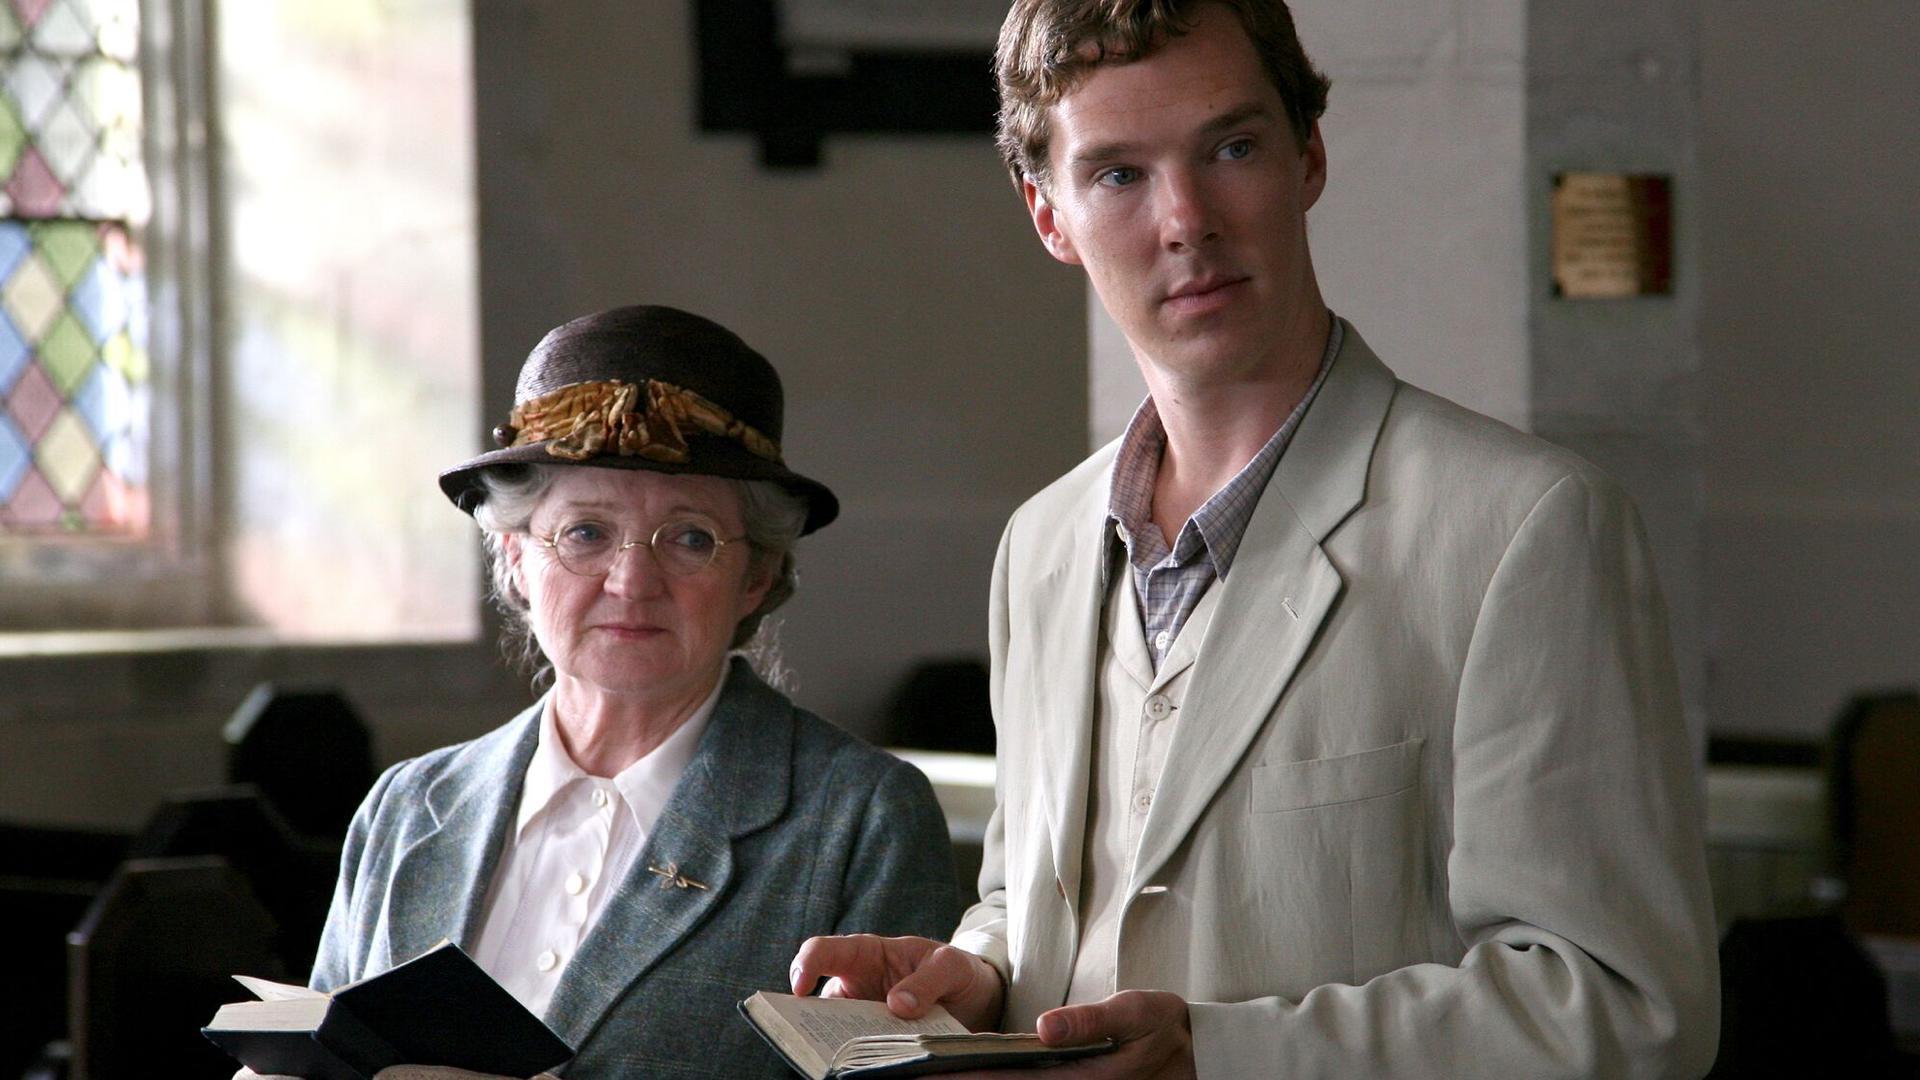 Mutta aivan sama, hän ihmetteli, mitä Linda luulisi nähdä Mark imee iso kalu.